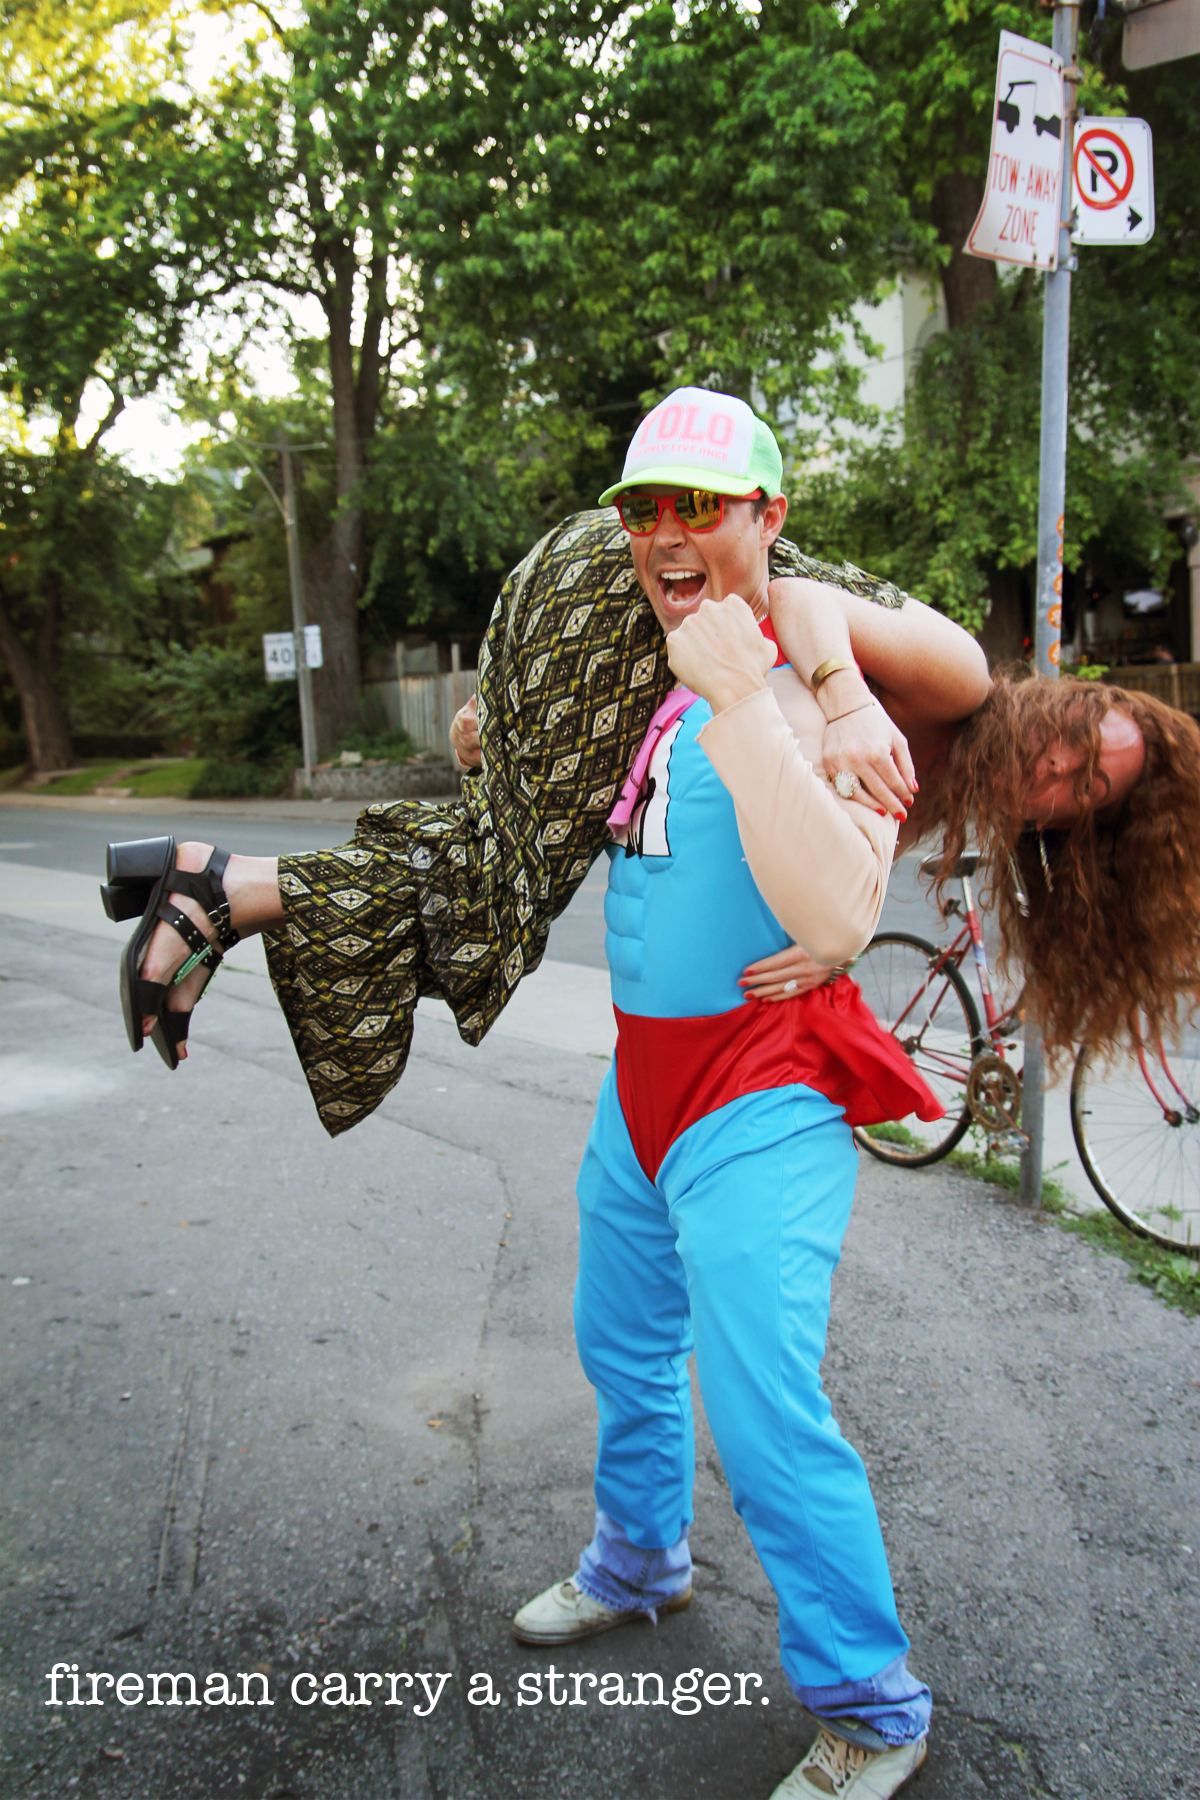 scavenger hunt - fireman carry a stranger